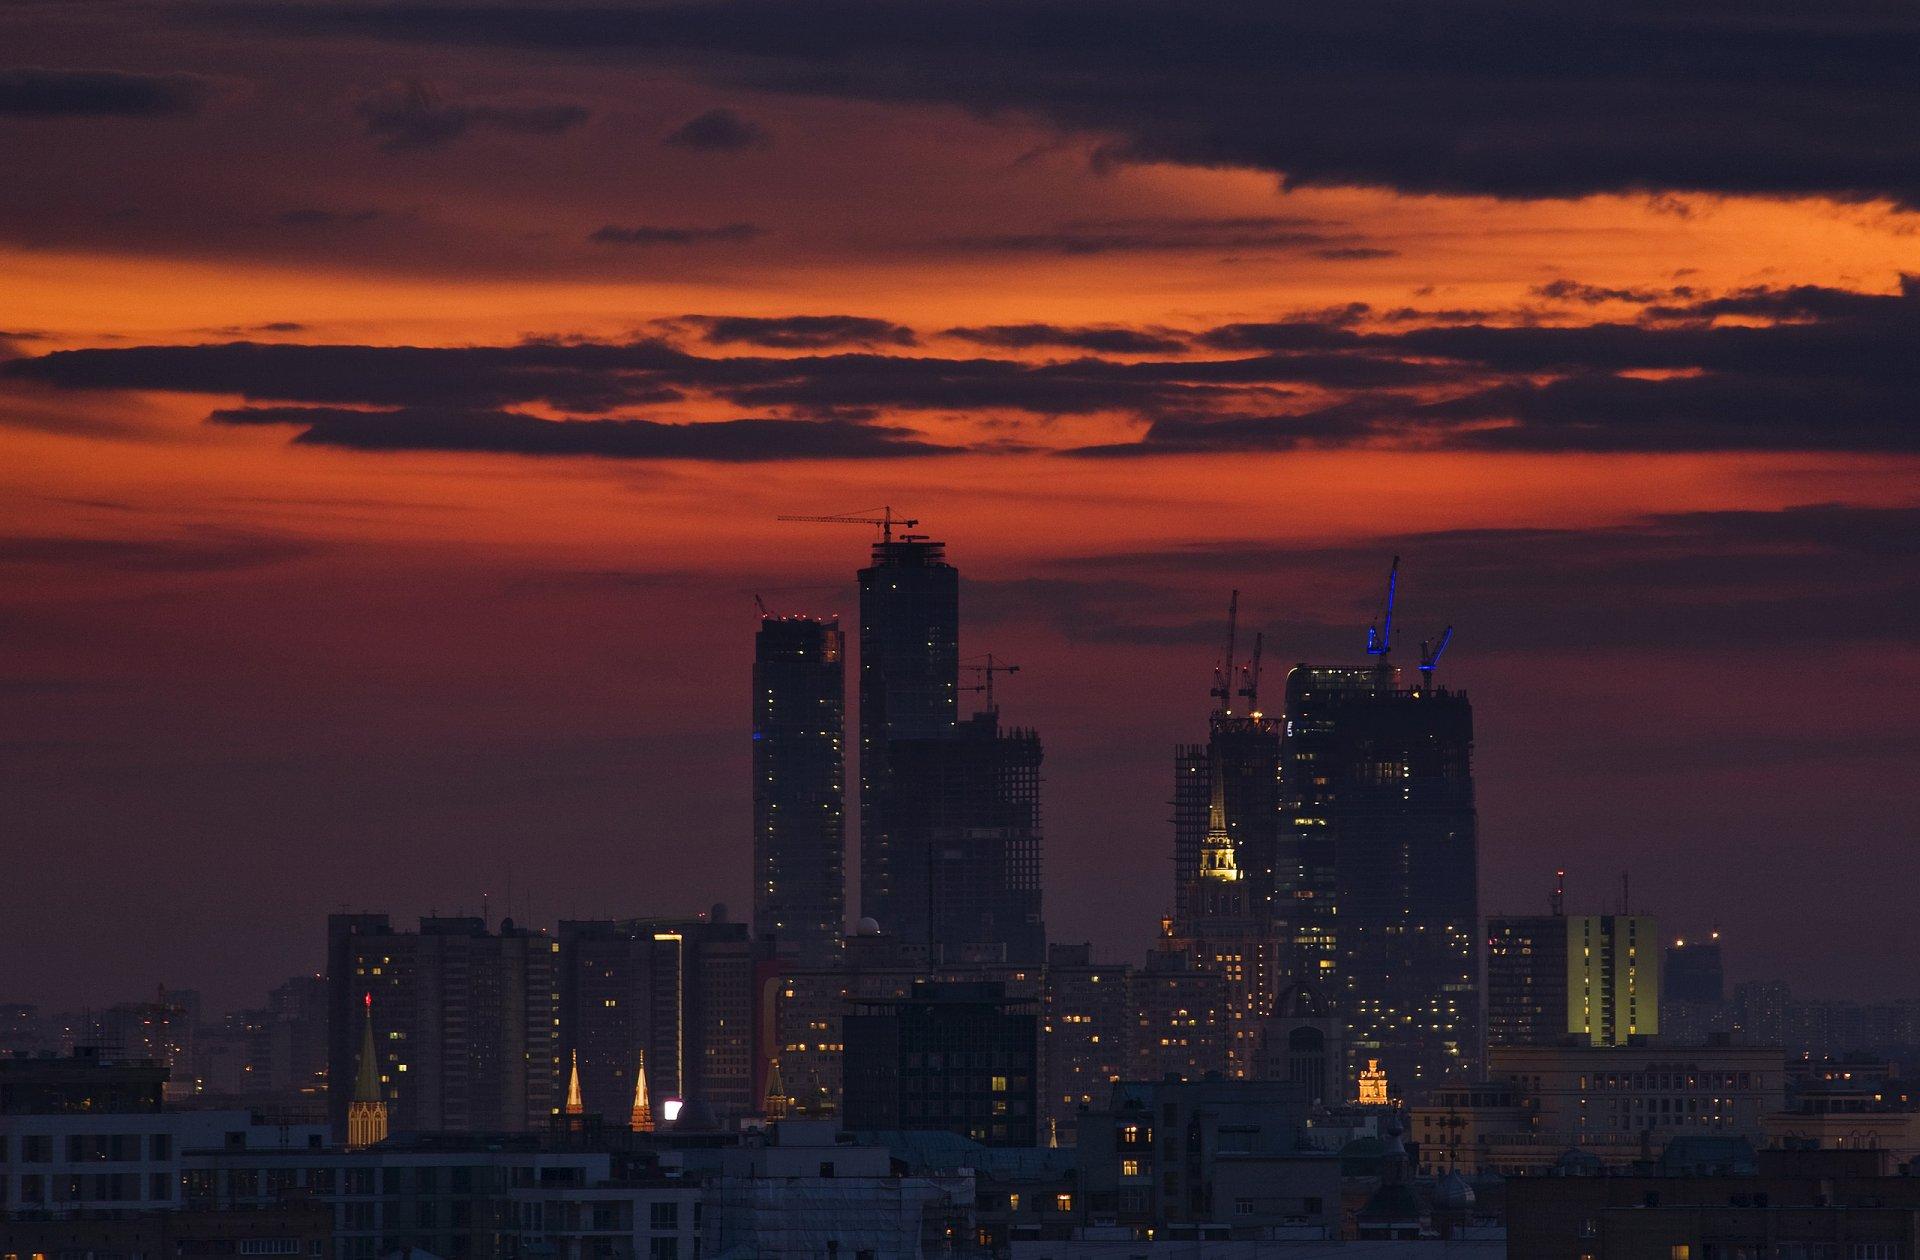 Обои обои, Облака, здания, городской пейзаж. Города foto 6